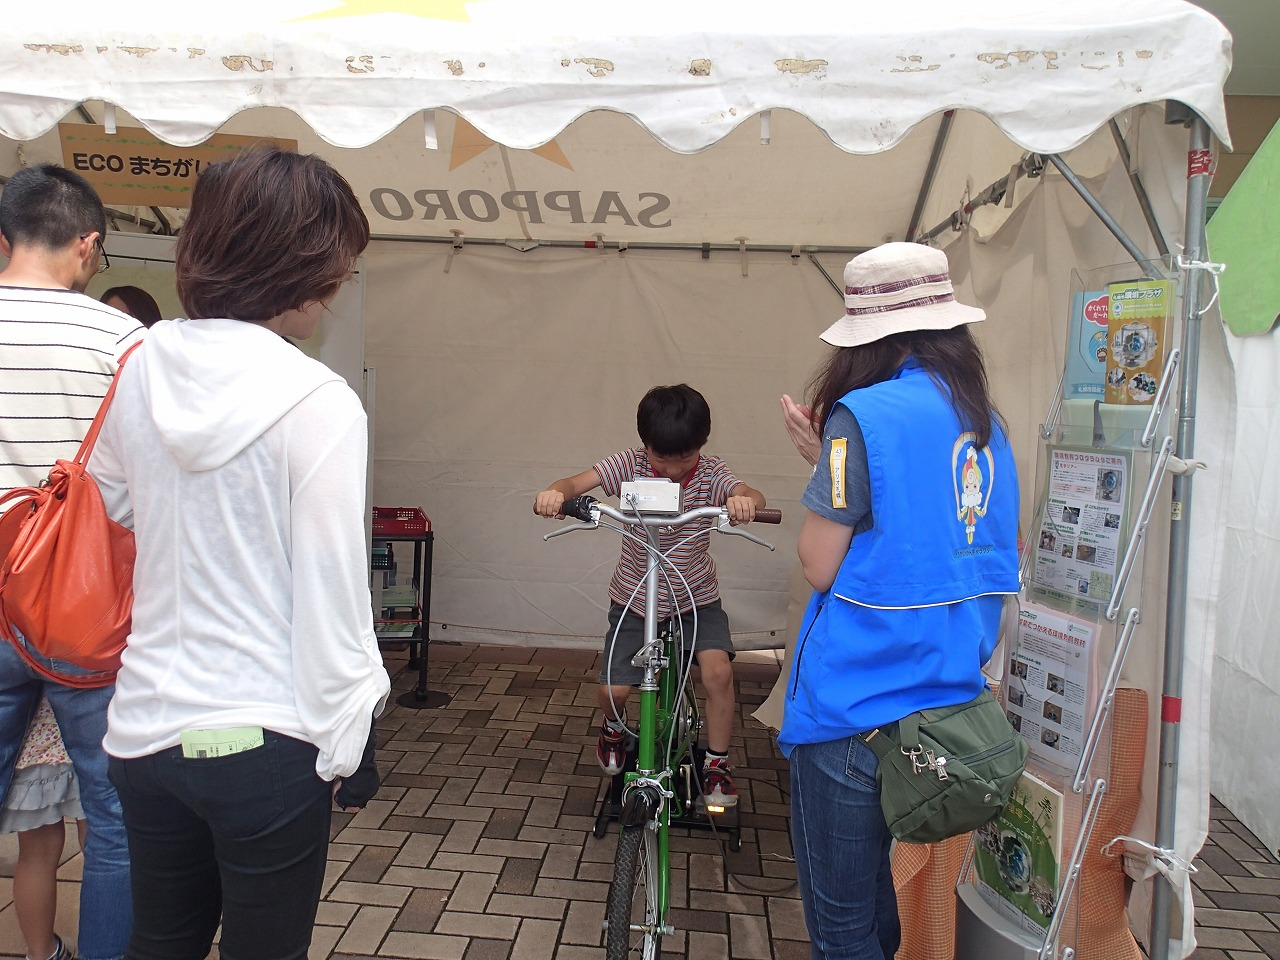 https://www.kankyo.sl-plaza.jp/blog/higasiku02.jpg